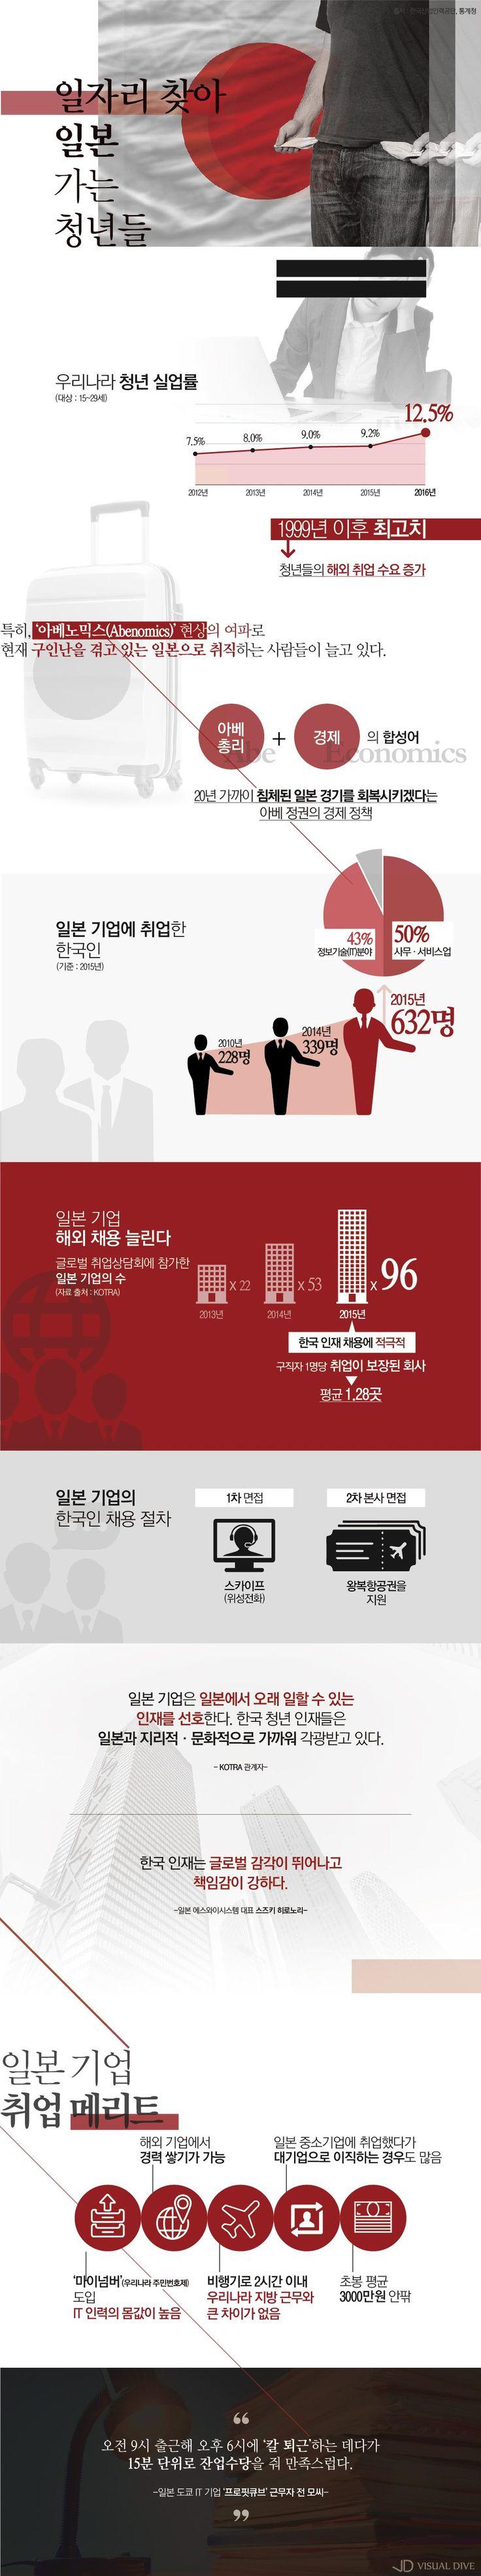 """""""여행 NO, 일하러 갑니다""""…일본으로 떠나는 청년들 [인포그래픽] #japan / #Infographic ⓒ 비주얼다이브 무단 복사·전재·재배포 금지"""